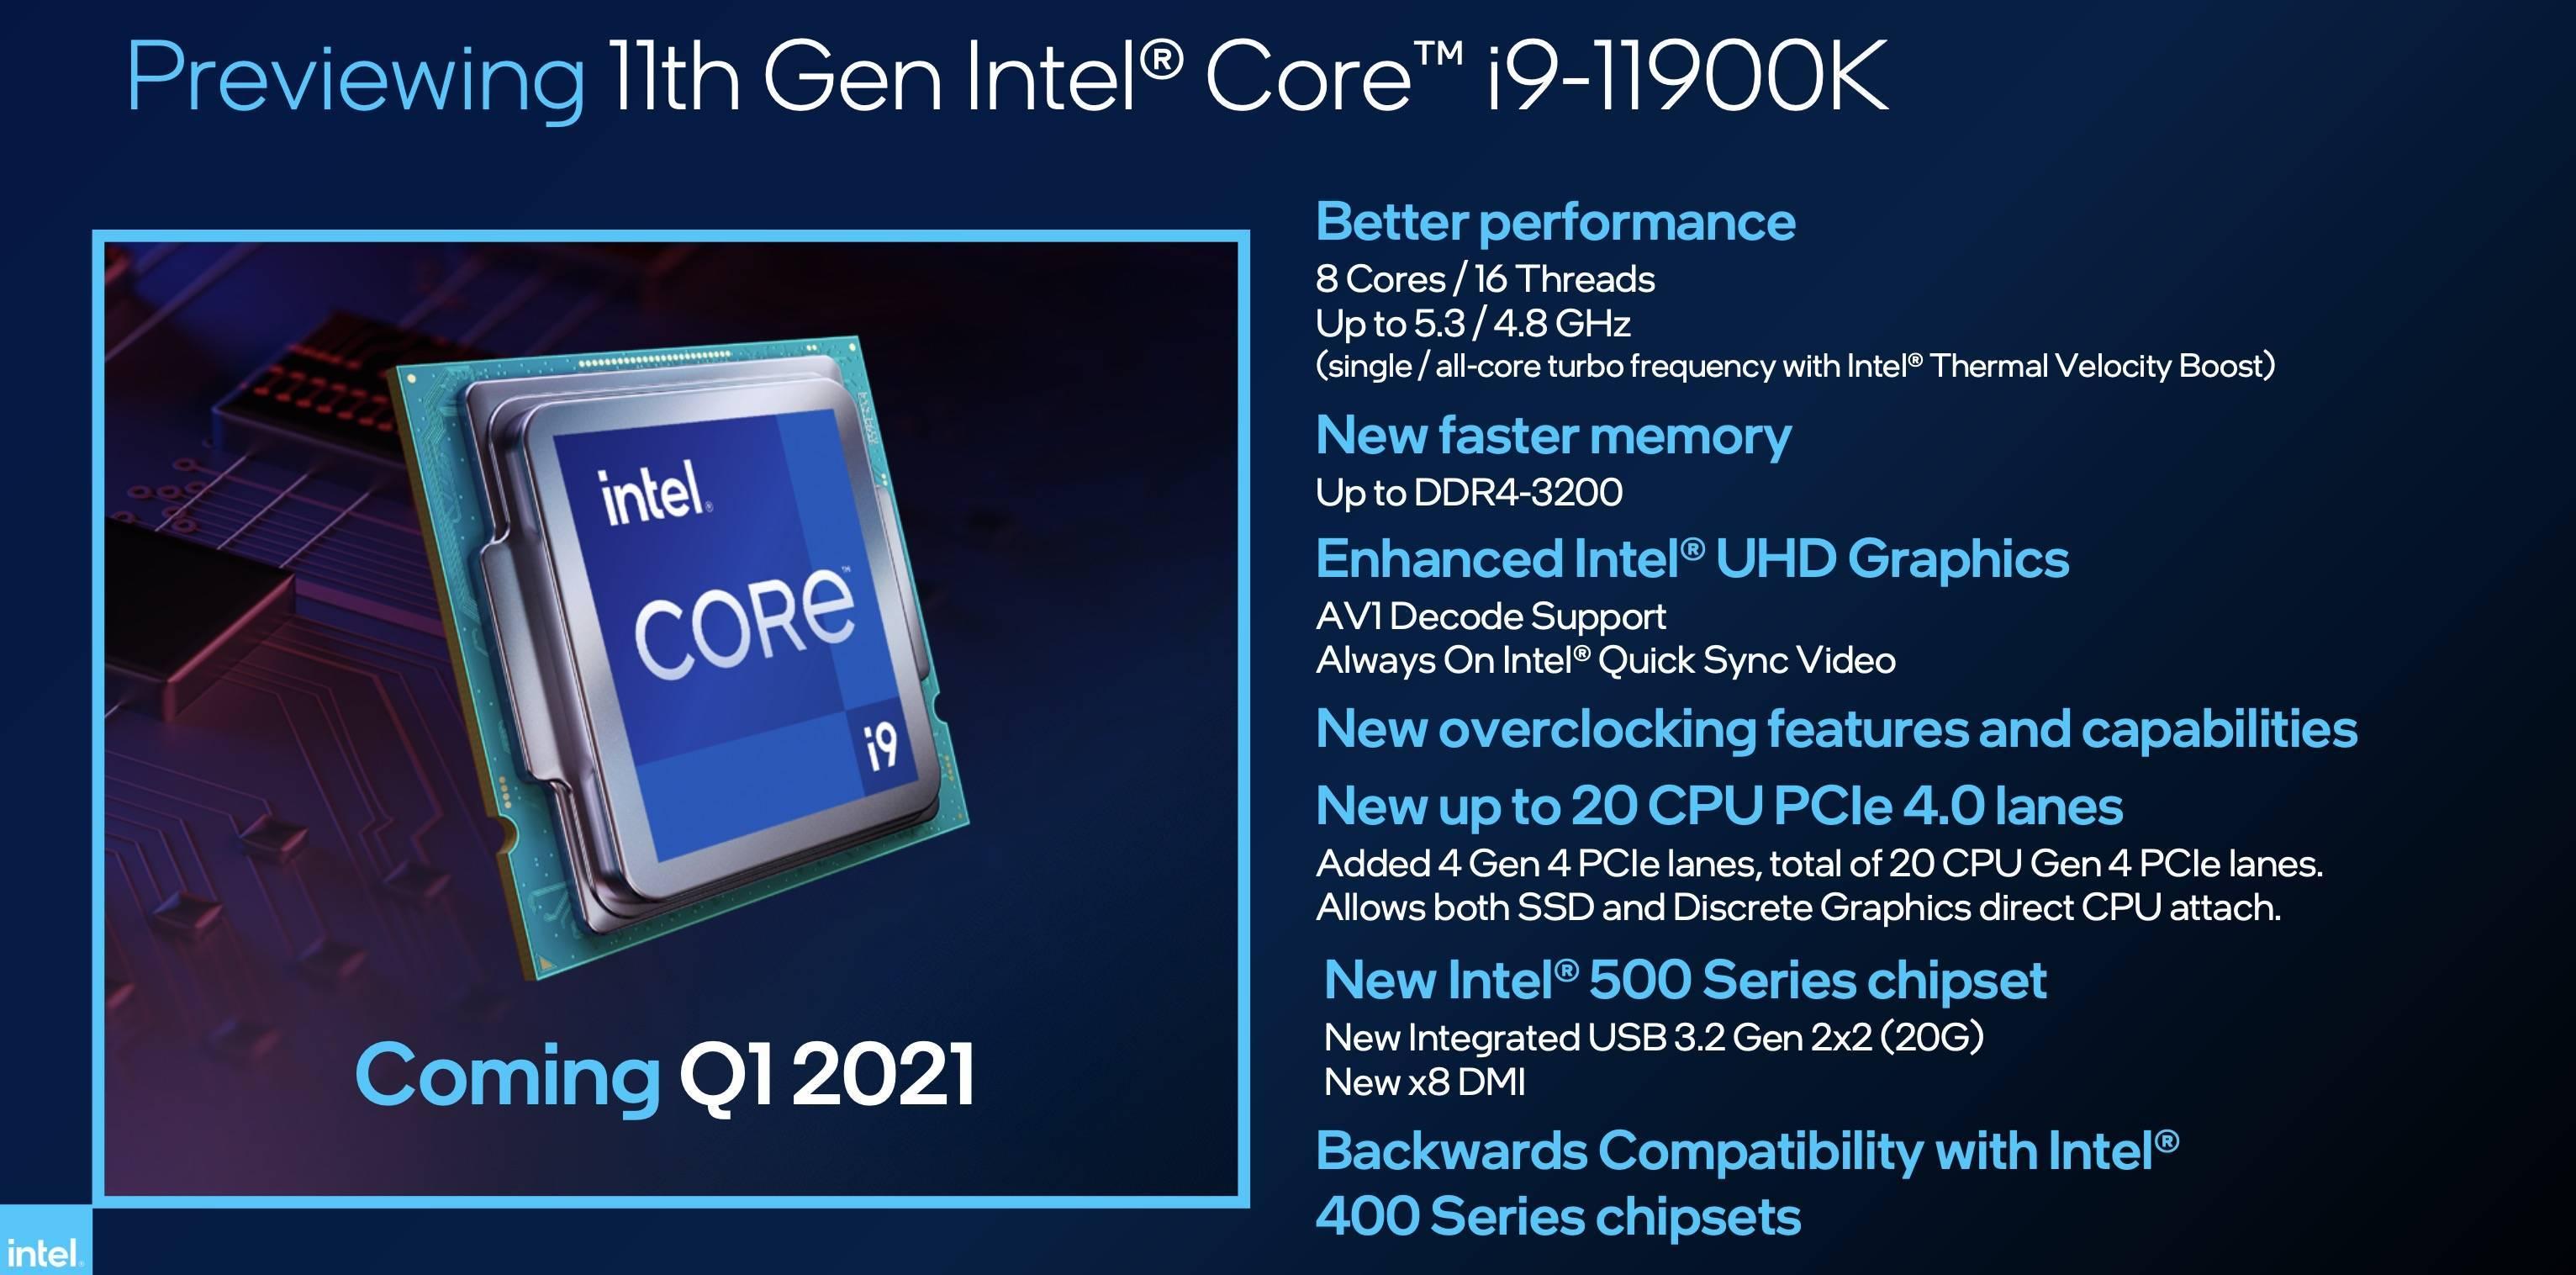 英特尔连发四款处理器,还预告了一波 X86 大升级